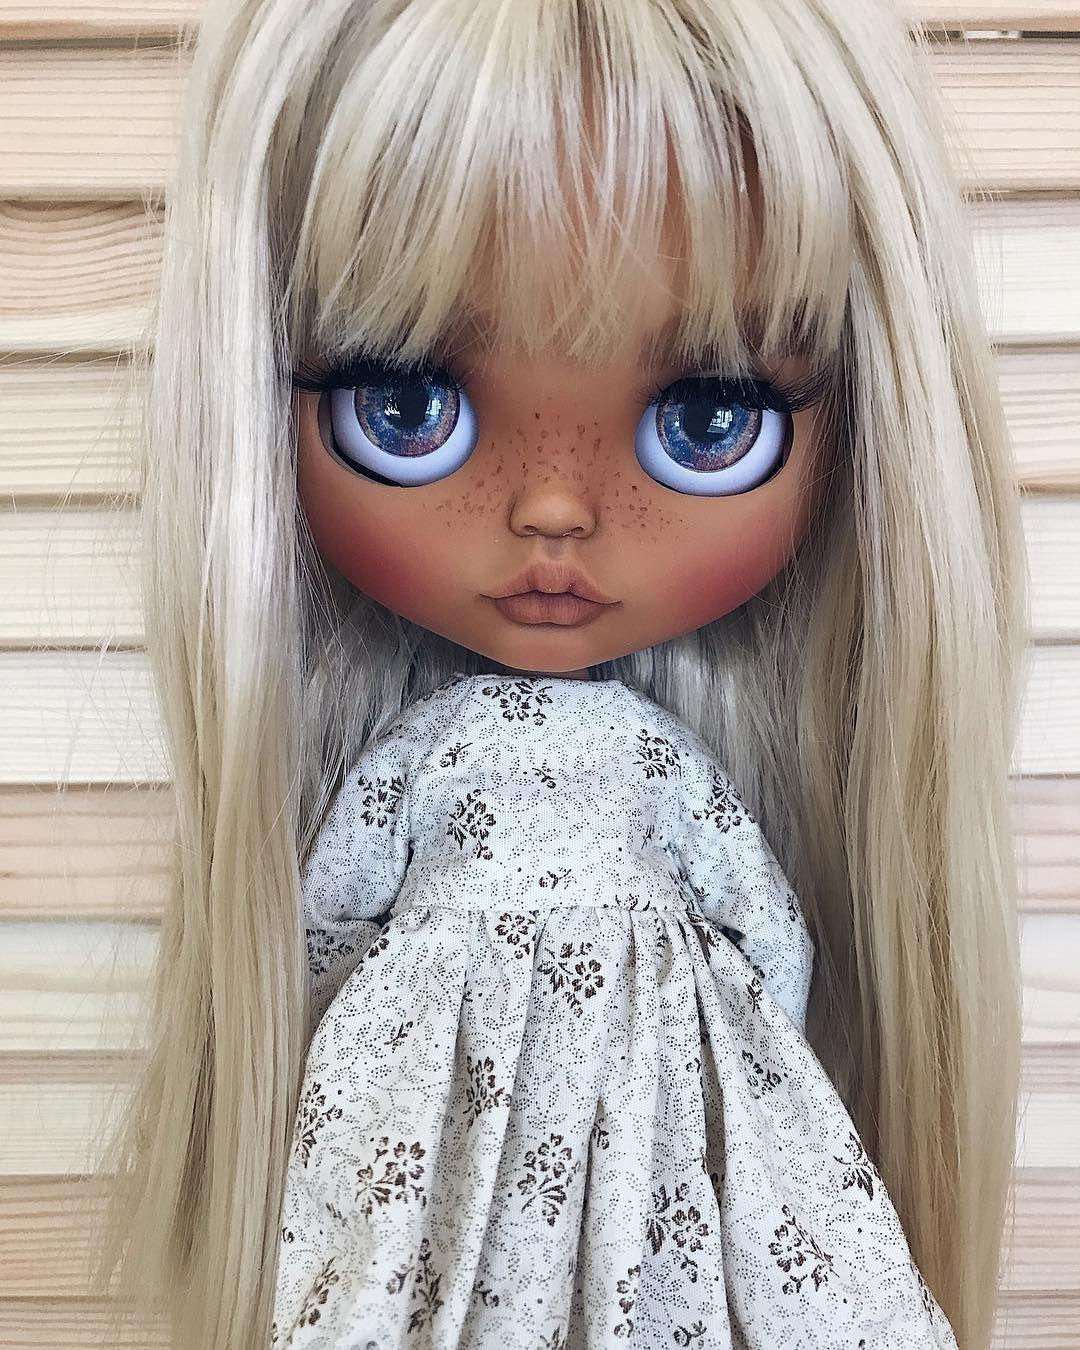 профессии картинки только глаза кукол финский